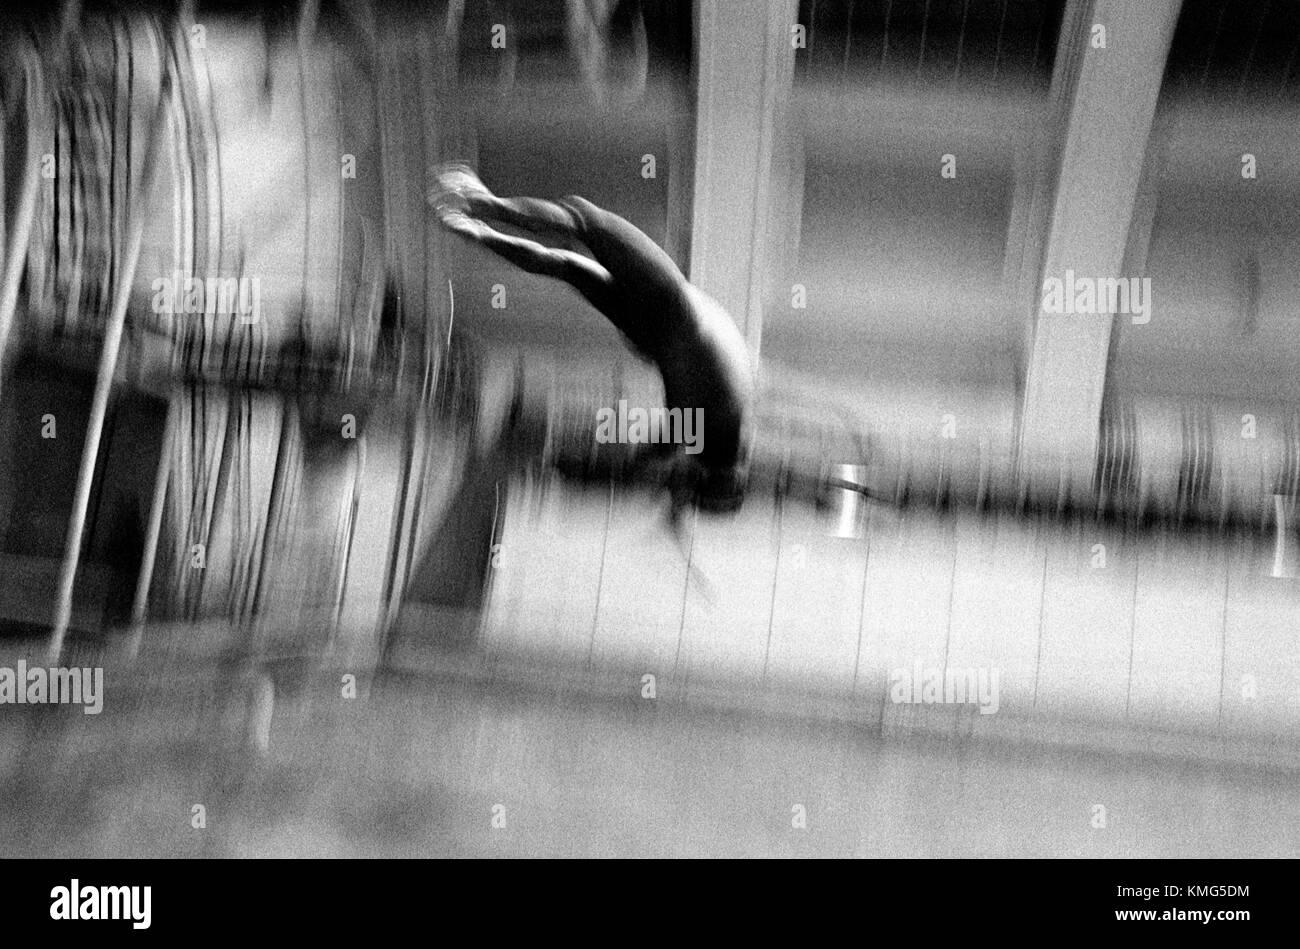 Tauchen an einen Innenpool. Dies ist eine aufrechte FOTO HOMER SYKES Stockbild